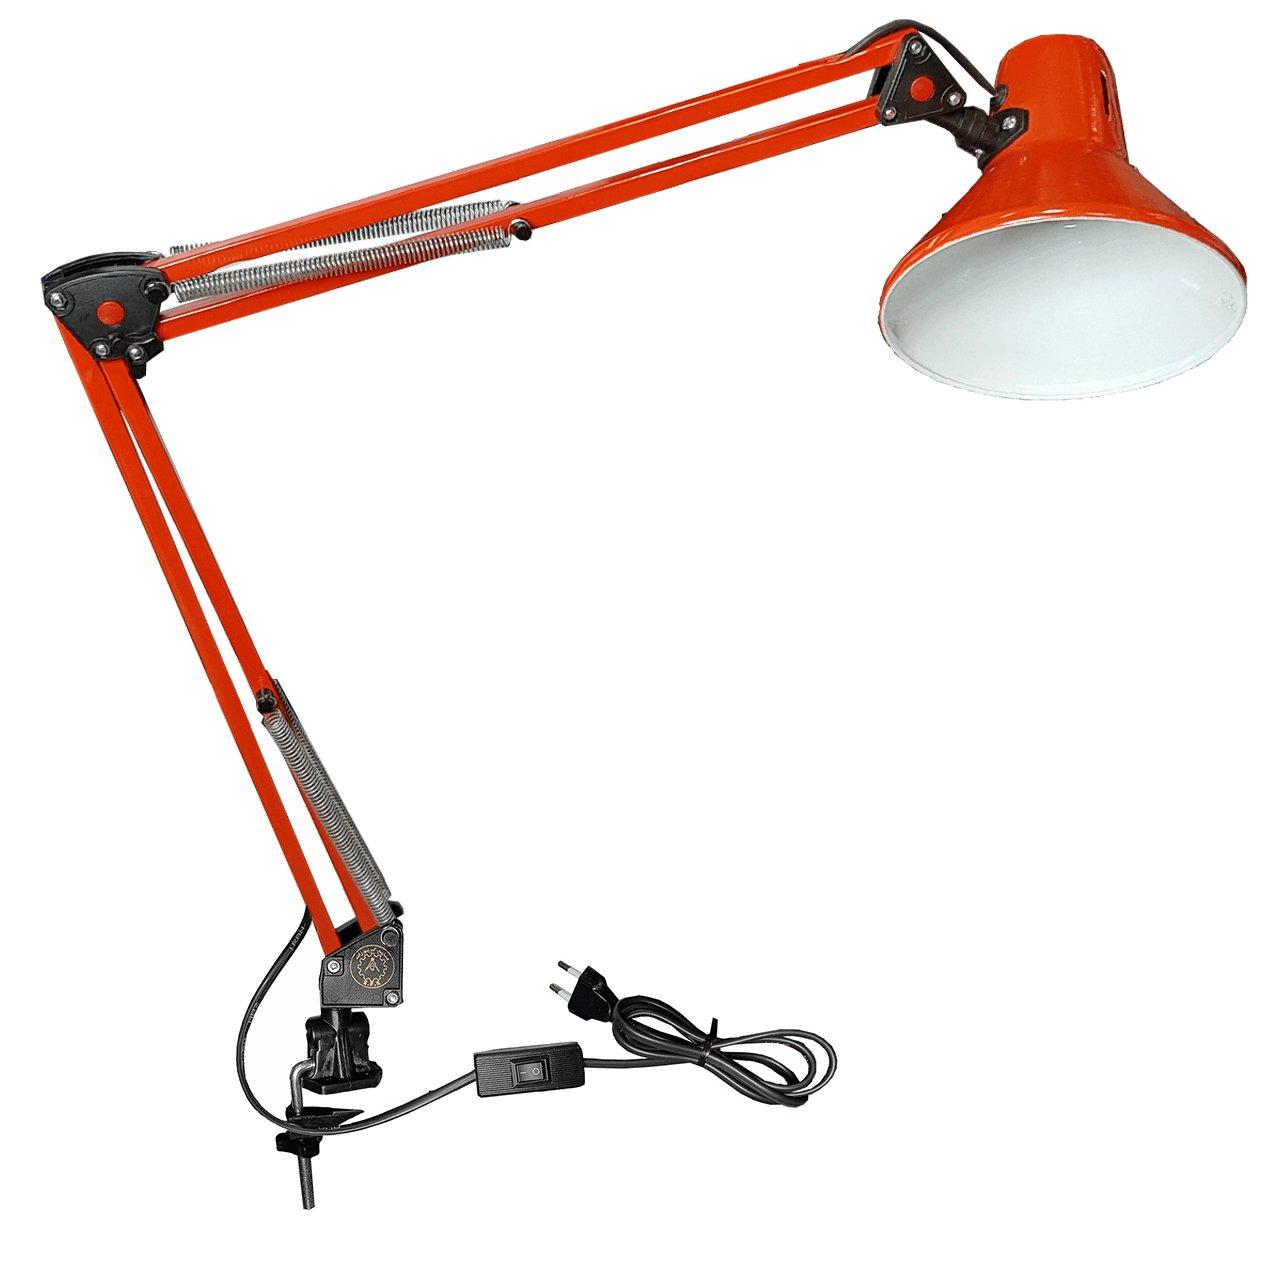 چراغ مطالعه مهندسی en101 همراه با لامپ 6 وات سهند